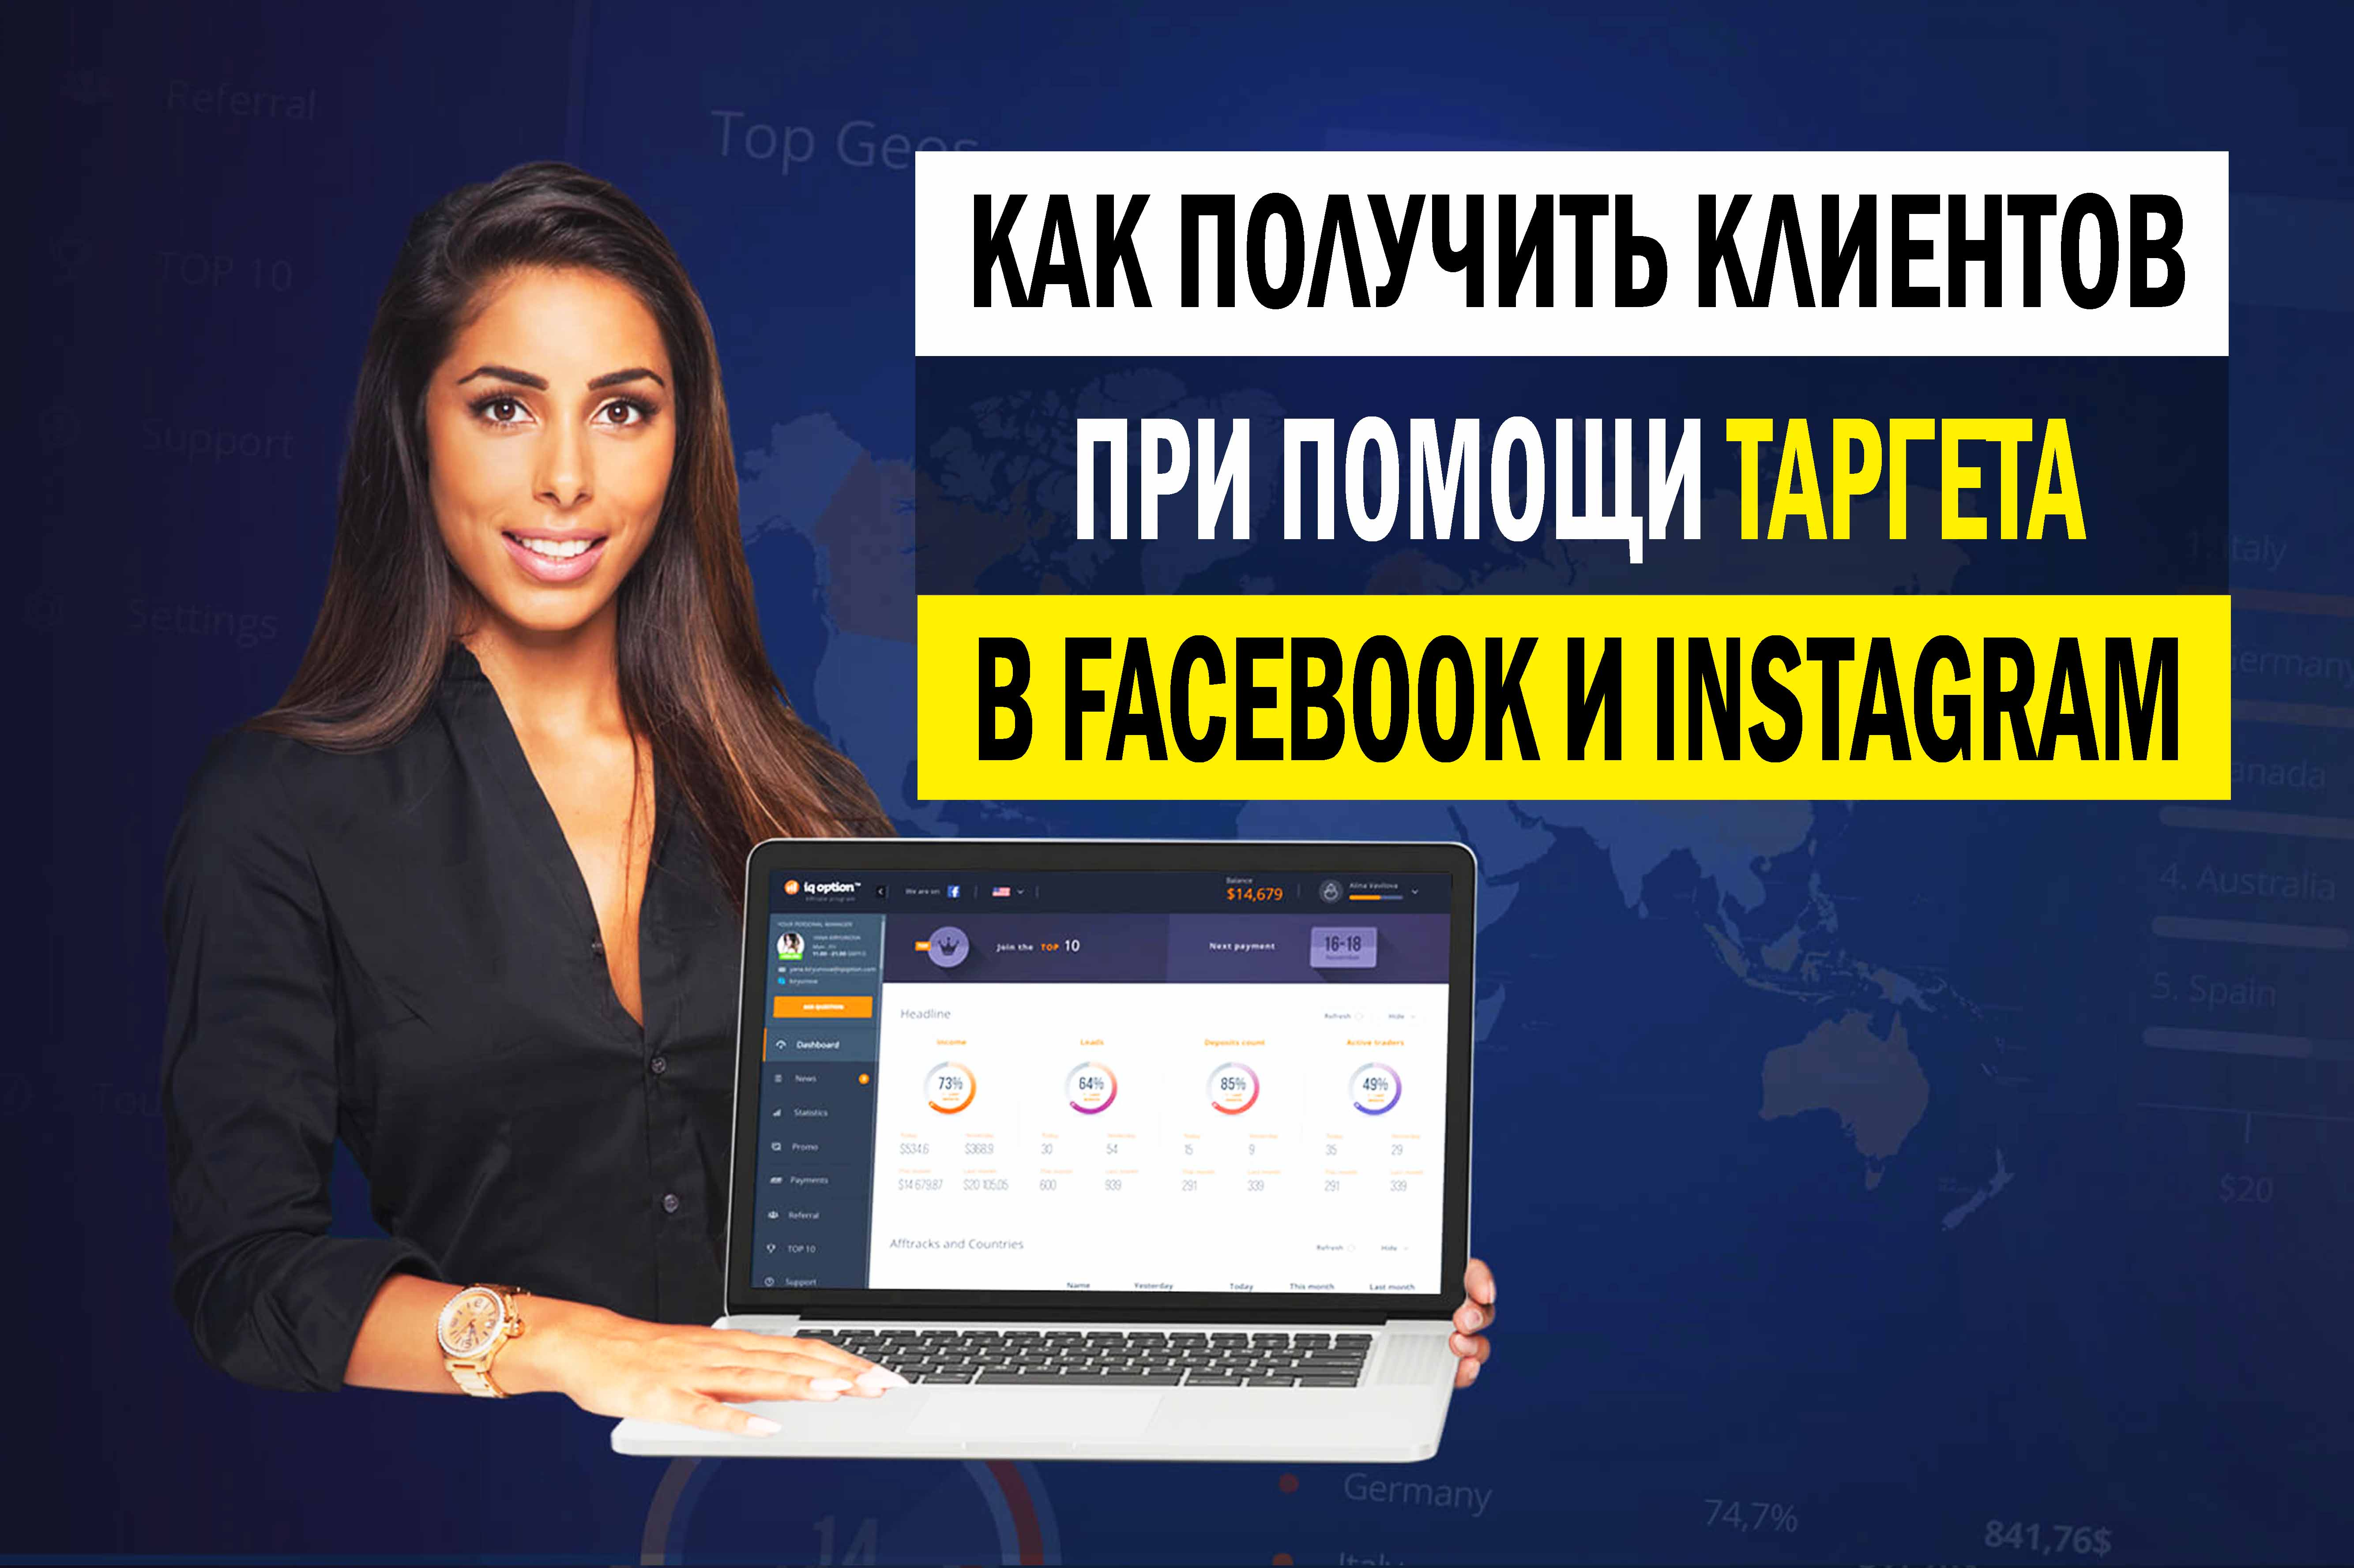 Подробности по правильной и результативной настройке таргетированной рекламы в Фейсбук и Инстаграм